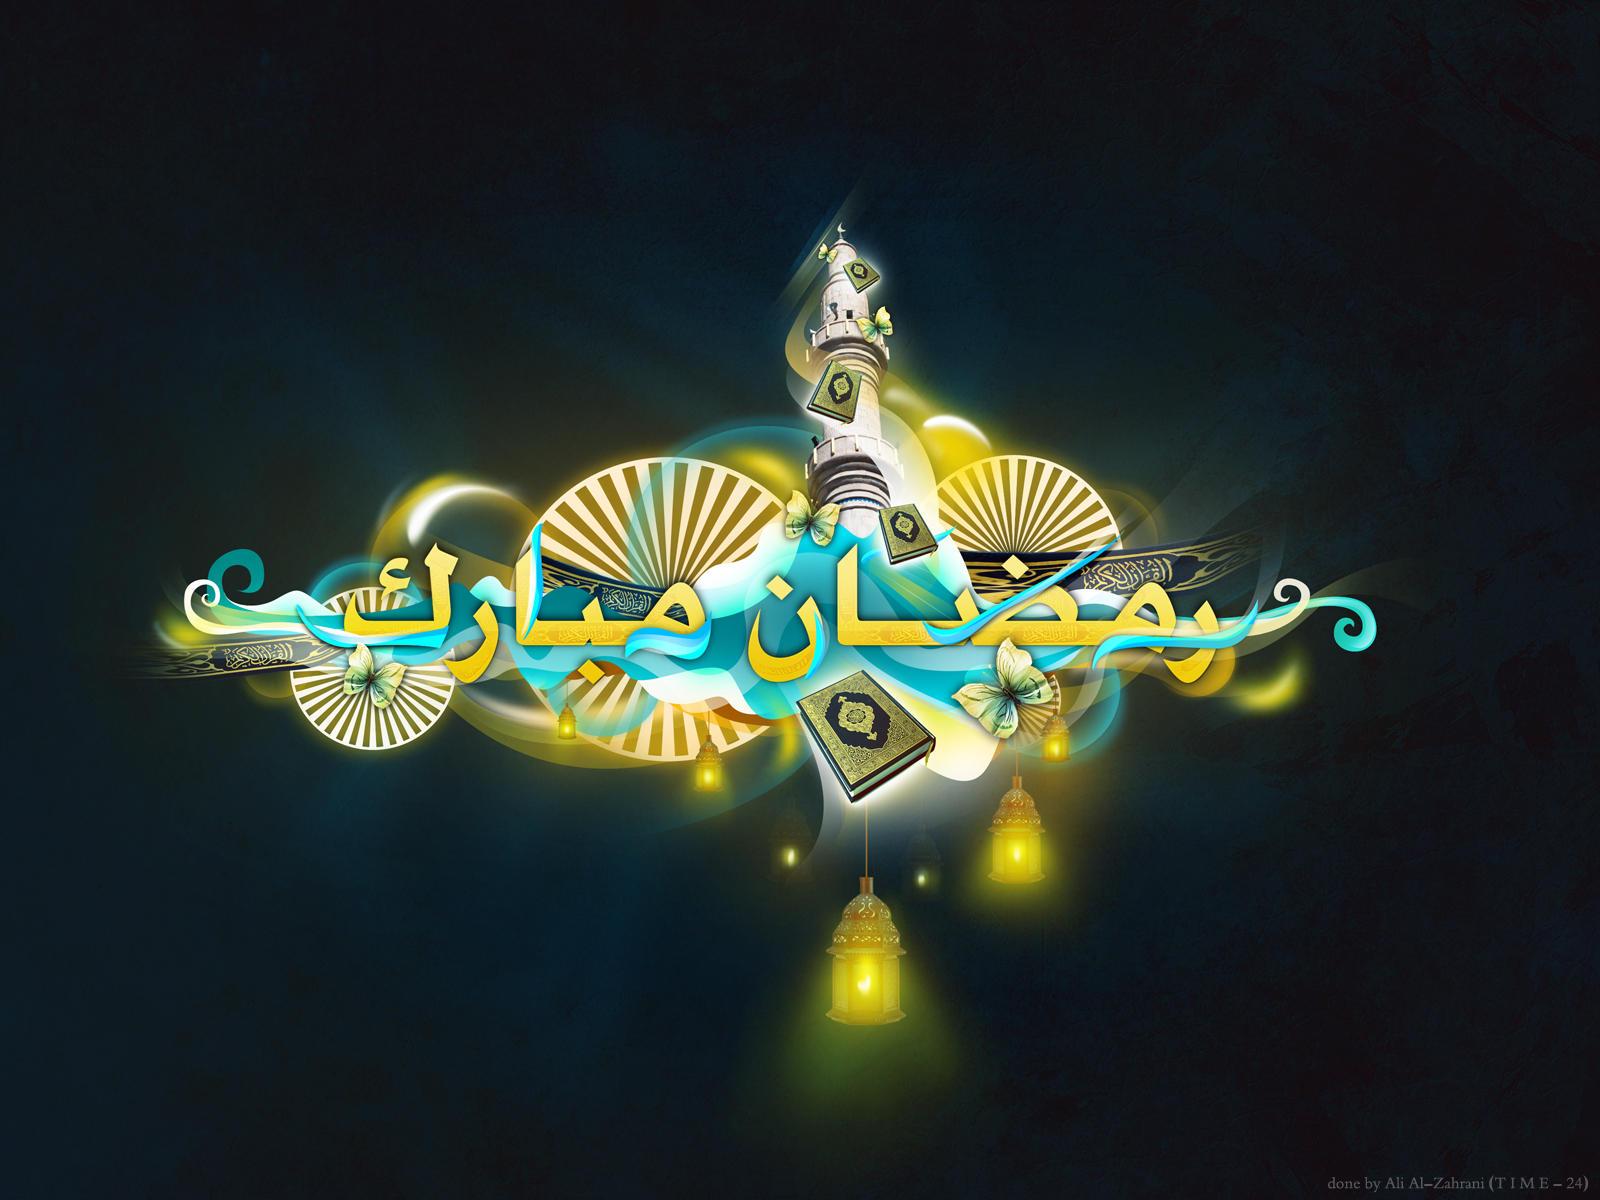 أجمل خلفيات شهر رمضان المبارك 2014 بجودة HD حصريا على منتديات إبداع Ramadan_Mubarak_by_TIME_24